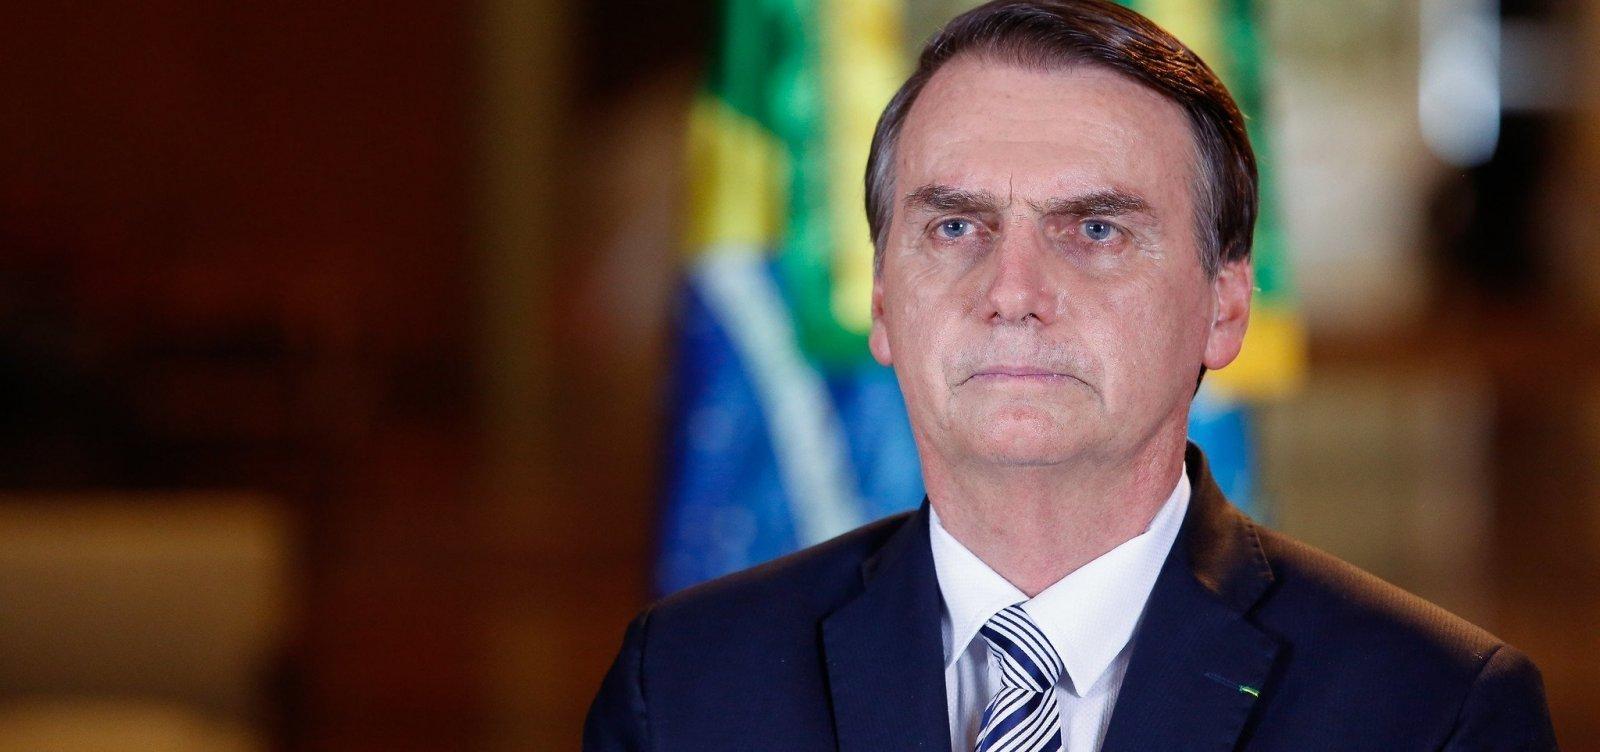 Datafolha: para 75% da população, Bolsonaro tem responsabilidade pela alta dos preços